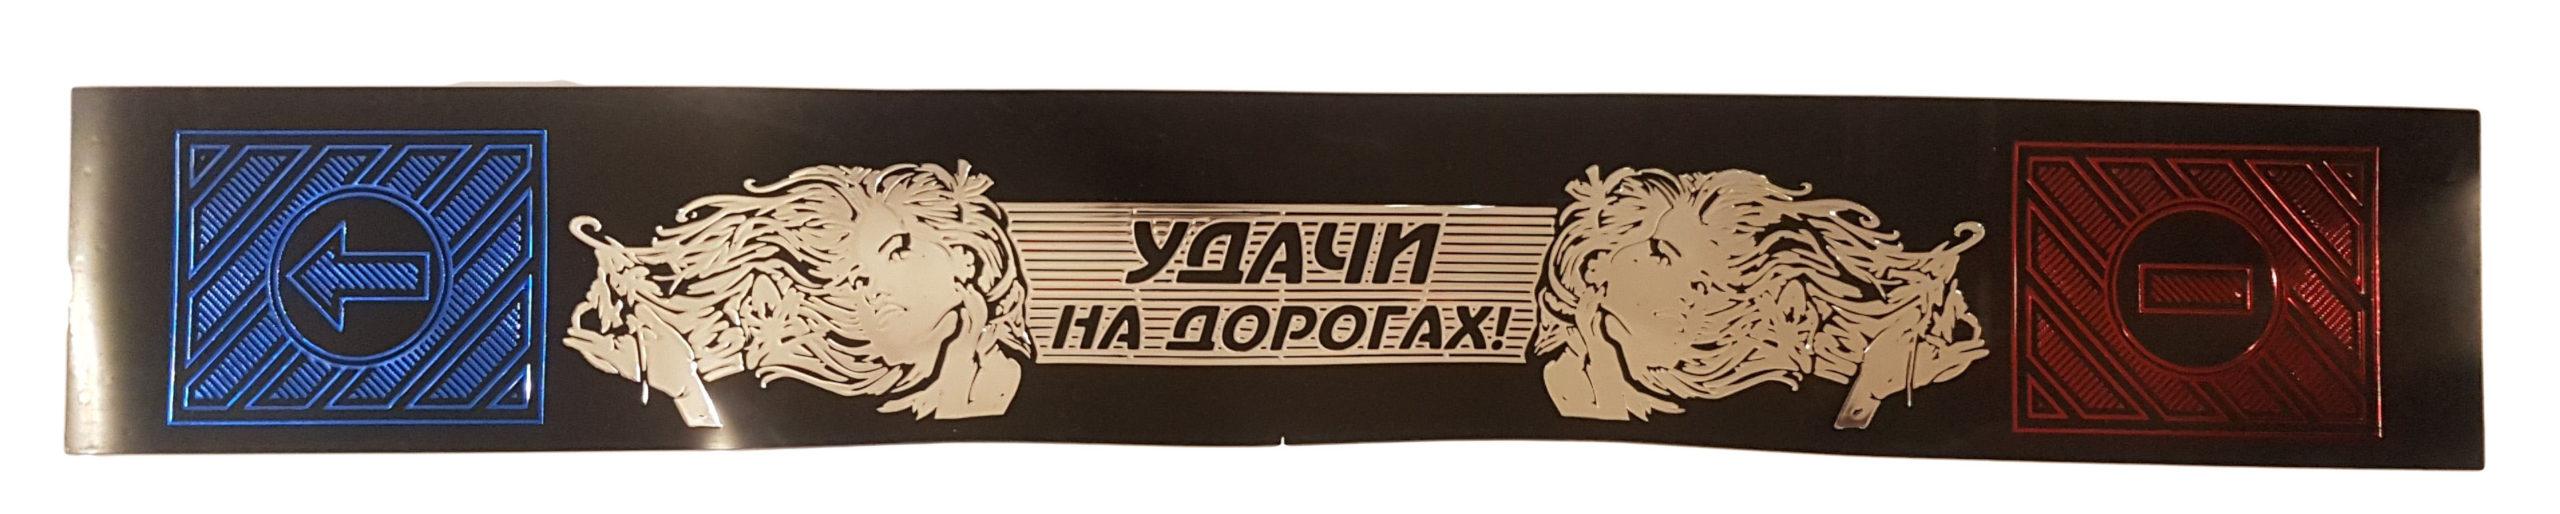 Защитная лента задних колес «Удачи на дорогах»